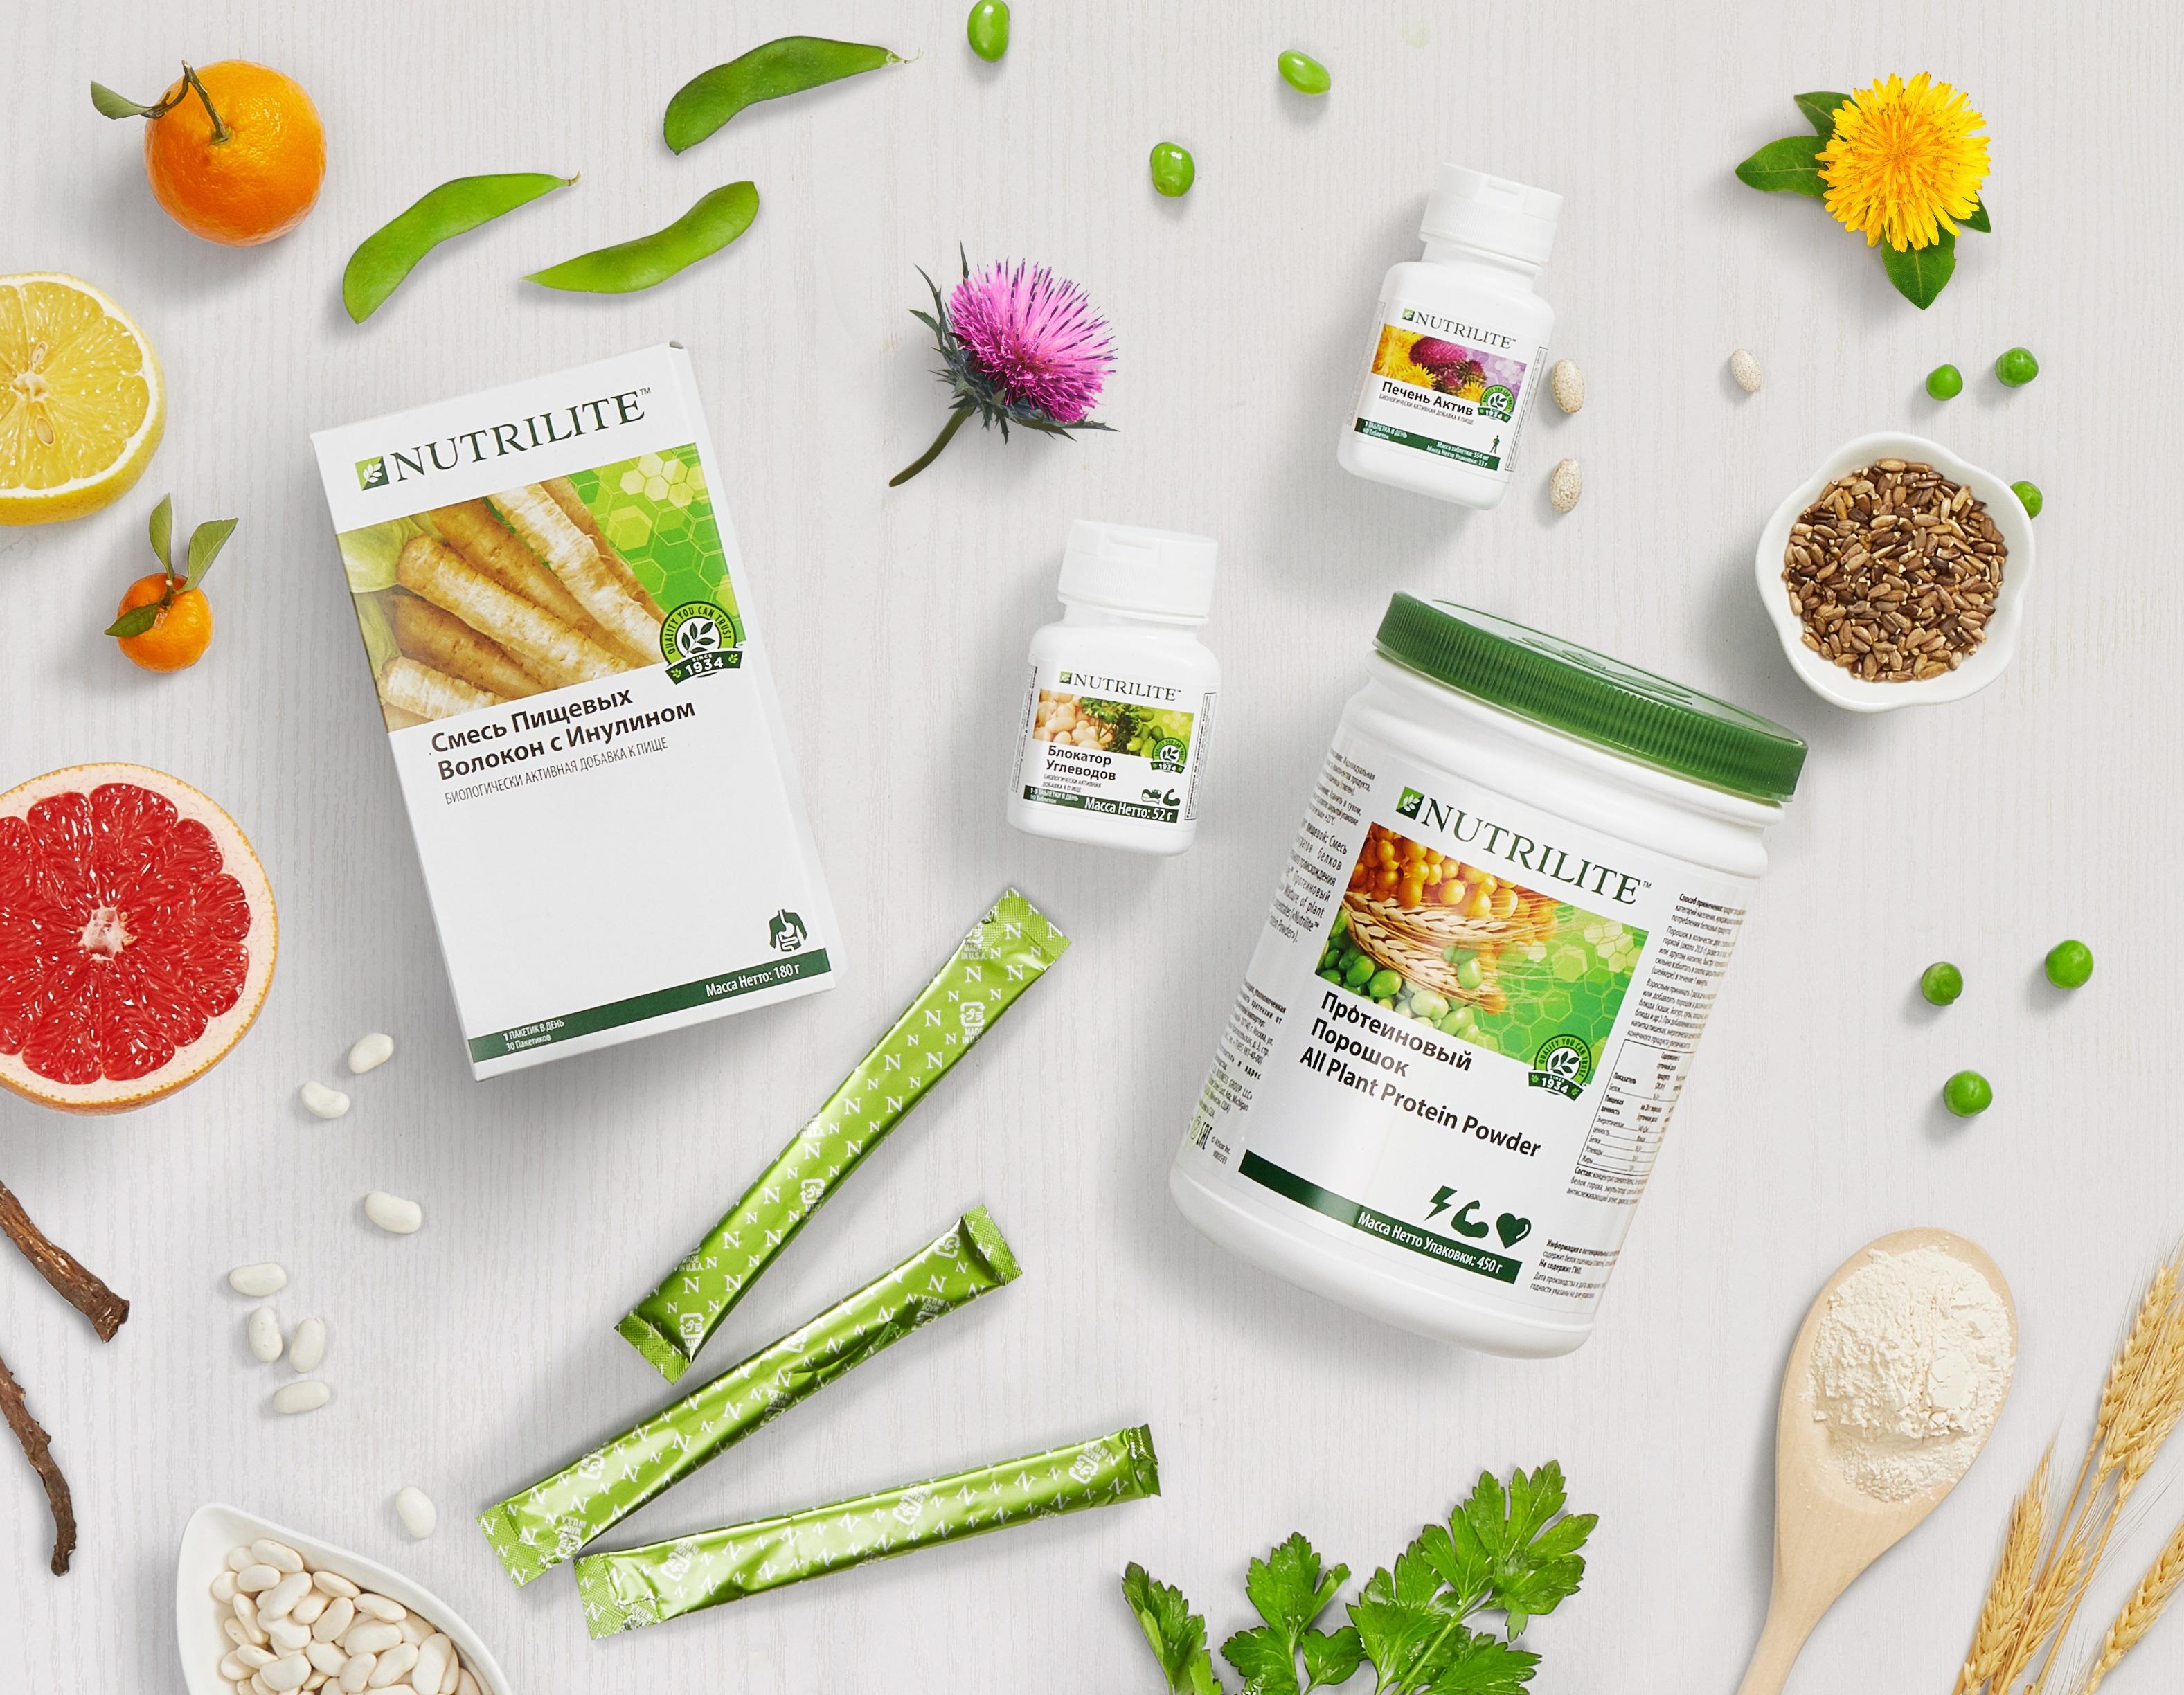 Избавьтесь от лишнего за 3 недели: NUTRILITE Body Detox